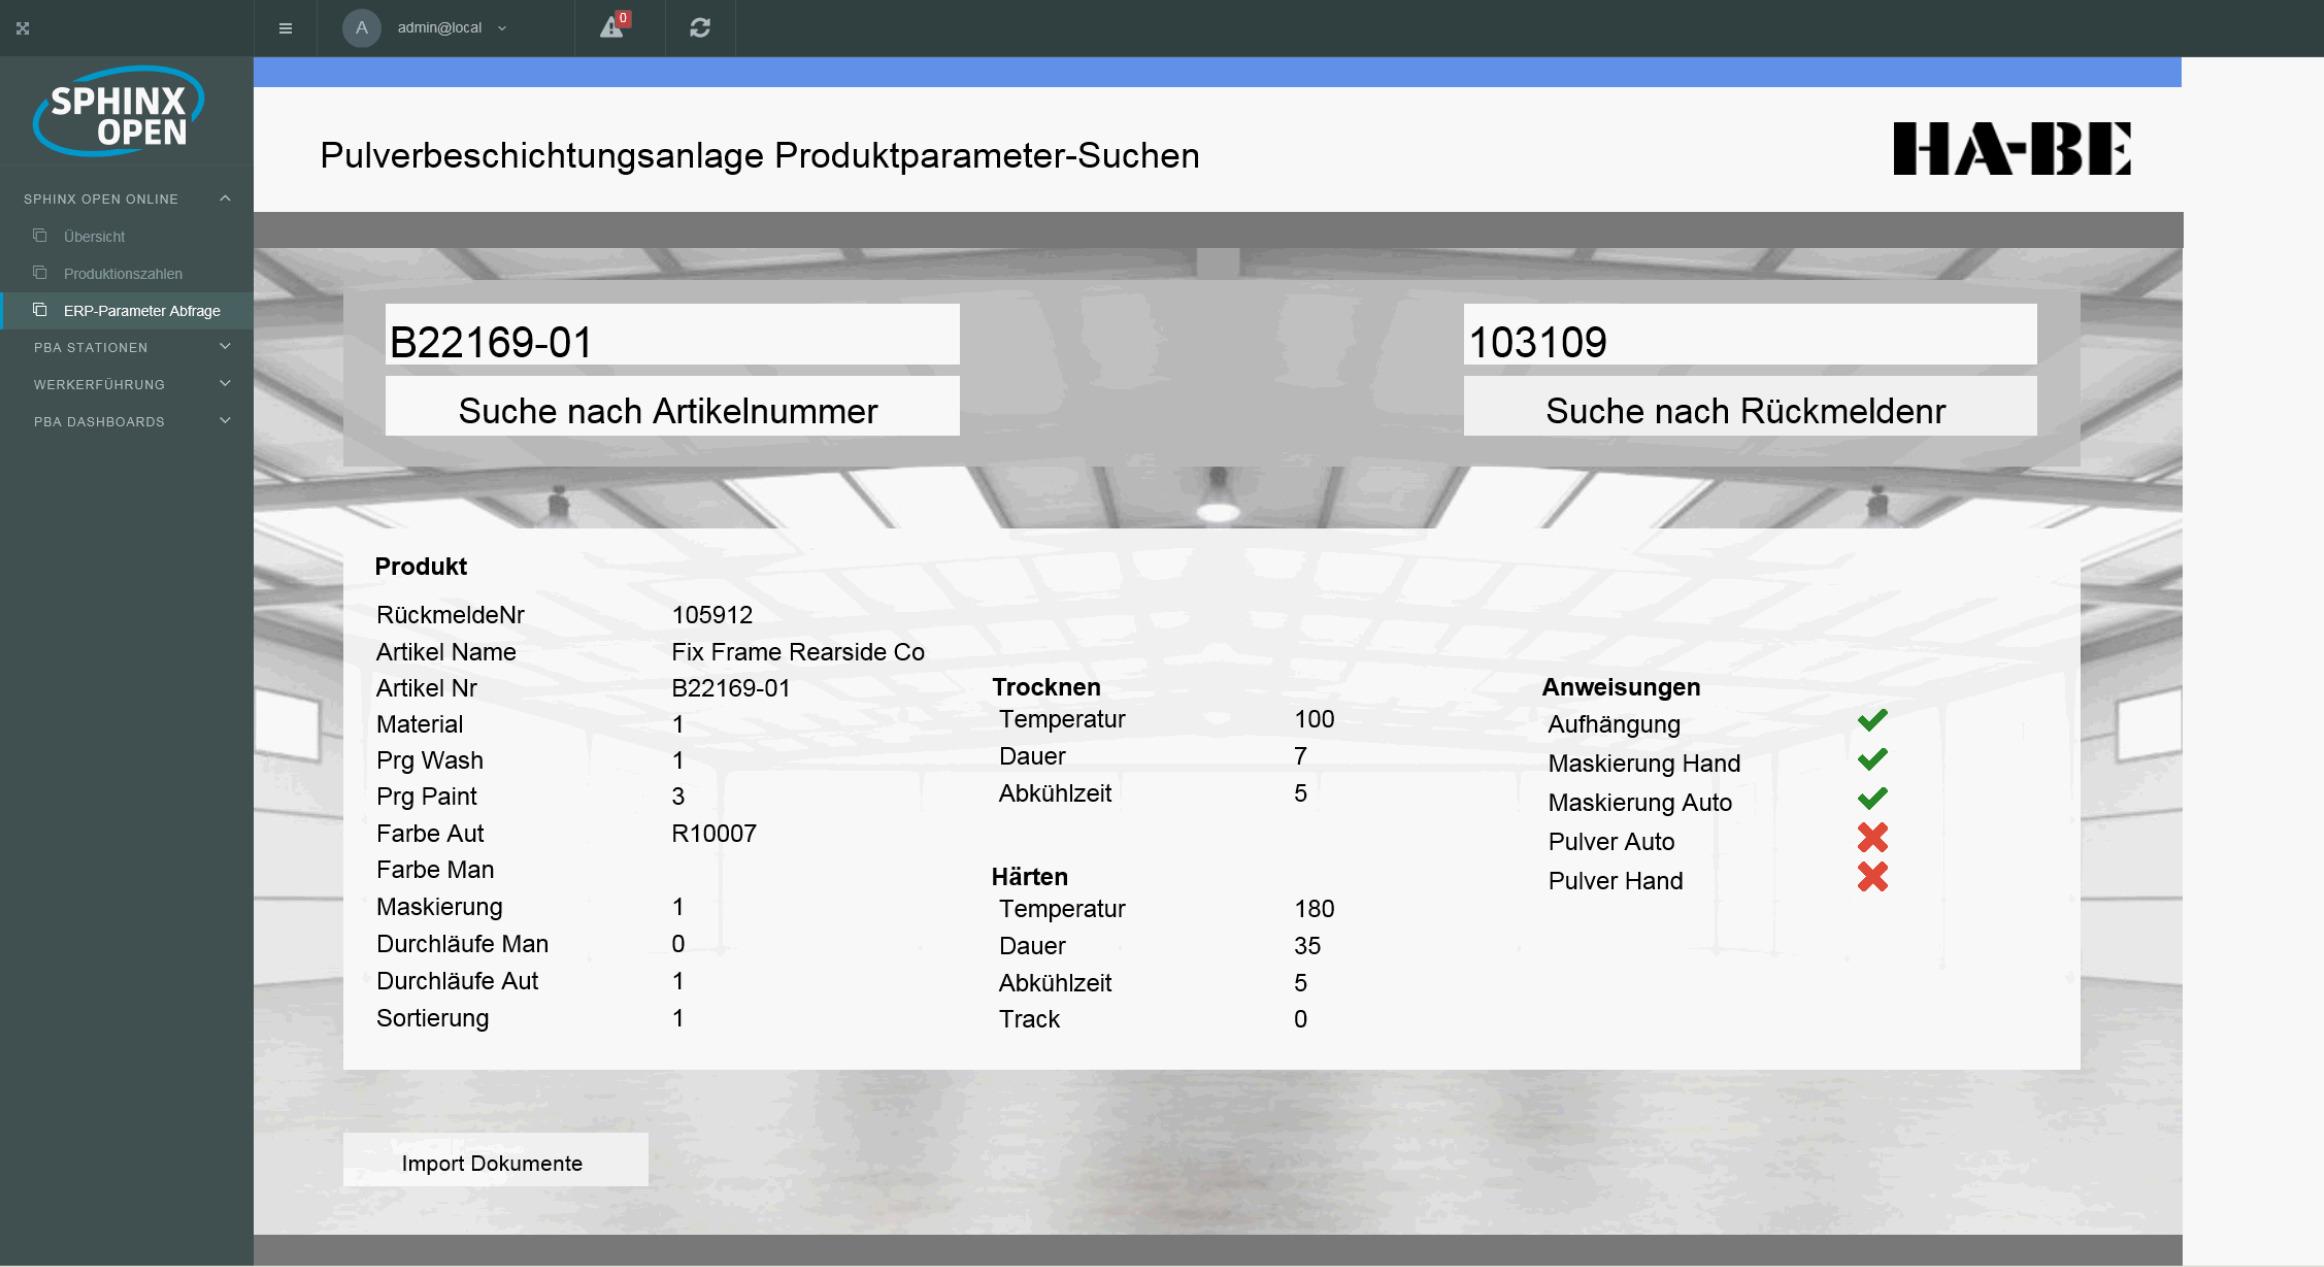 Darstellung zur Überprüfung der eingepflegten Stammdaten. Neben der Anzeige der Produktparameter kann direkt überprüft werden, ob Anweisungen für die Werkerunterstützung für dieses Produkt verfügbar sind. (Bild: In-GmbH)